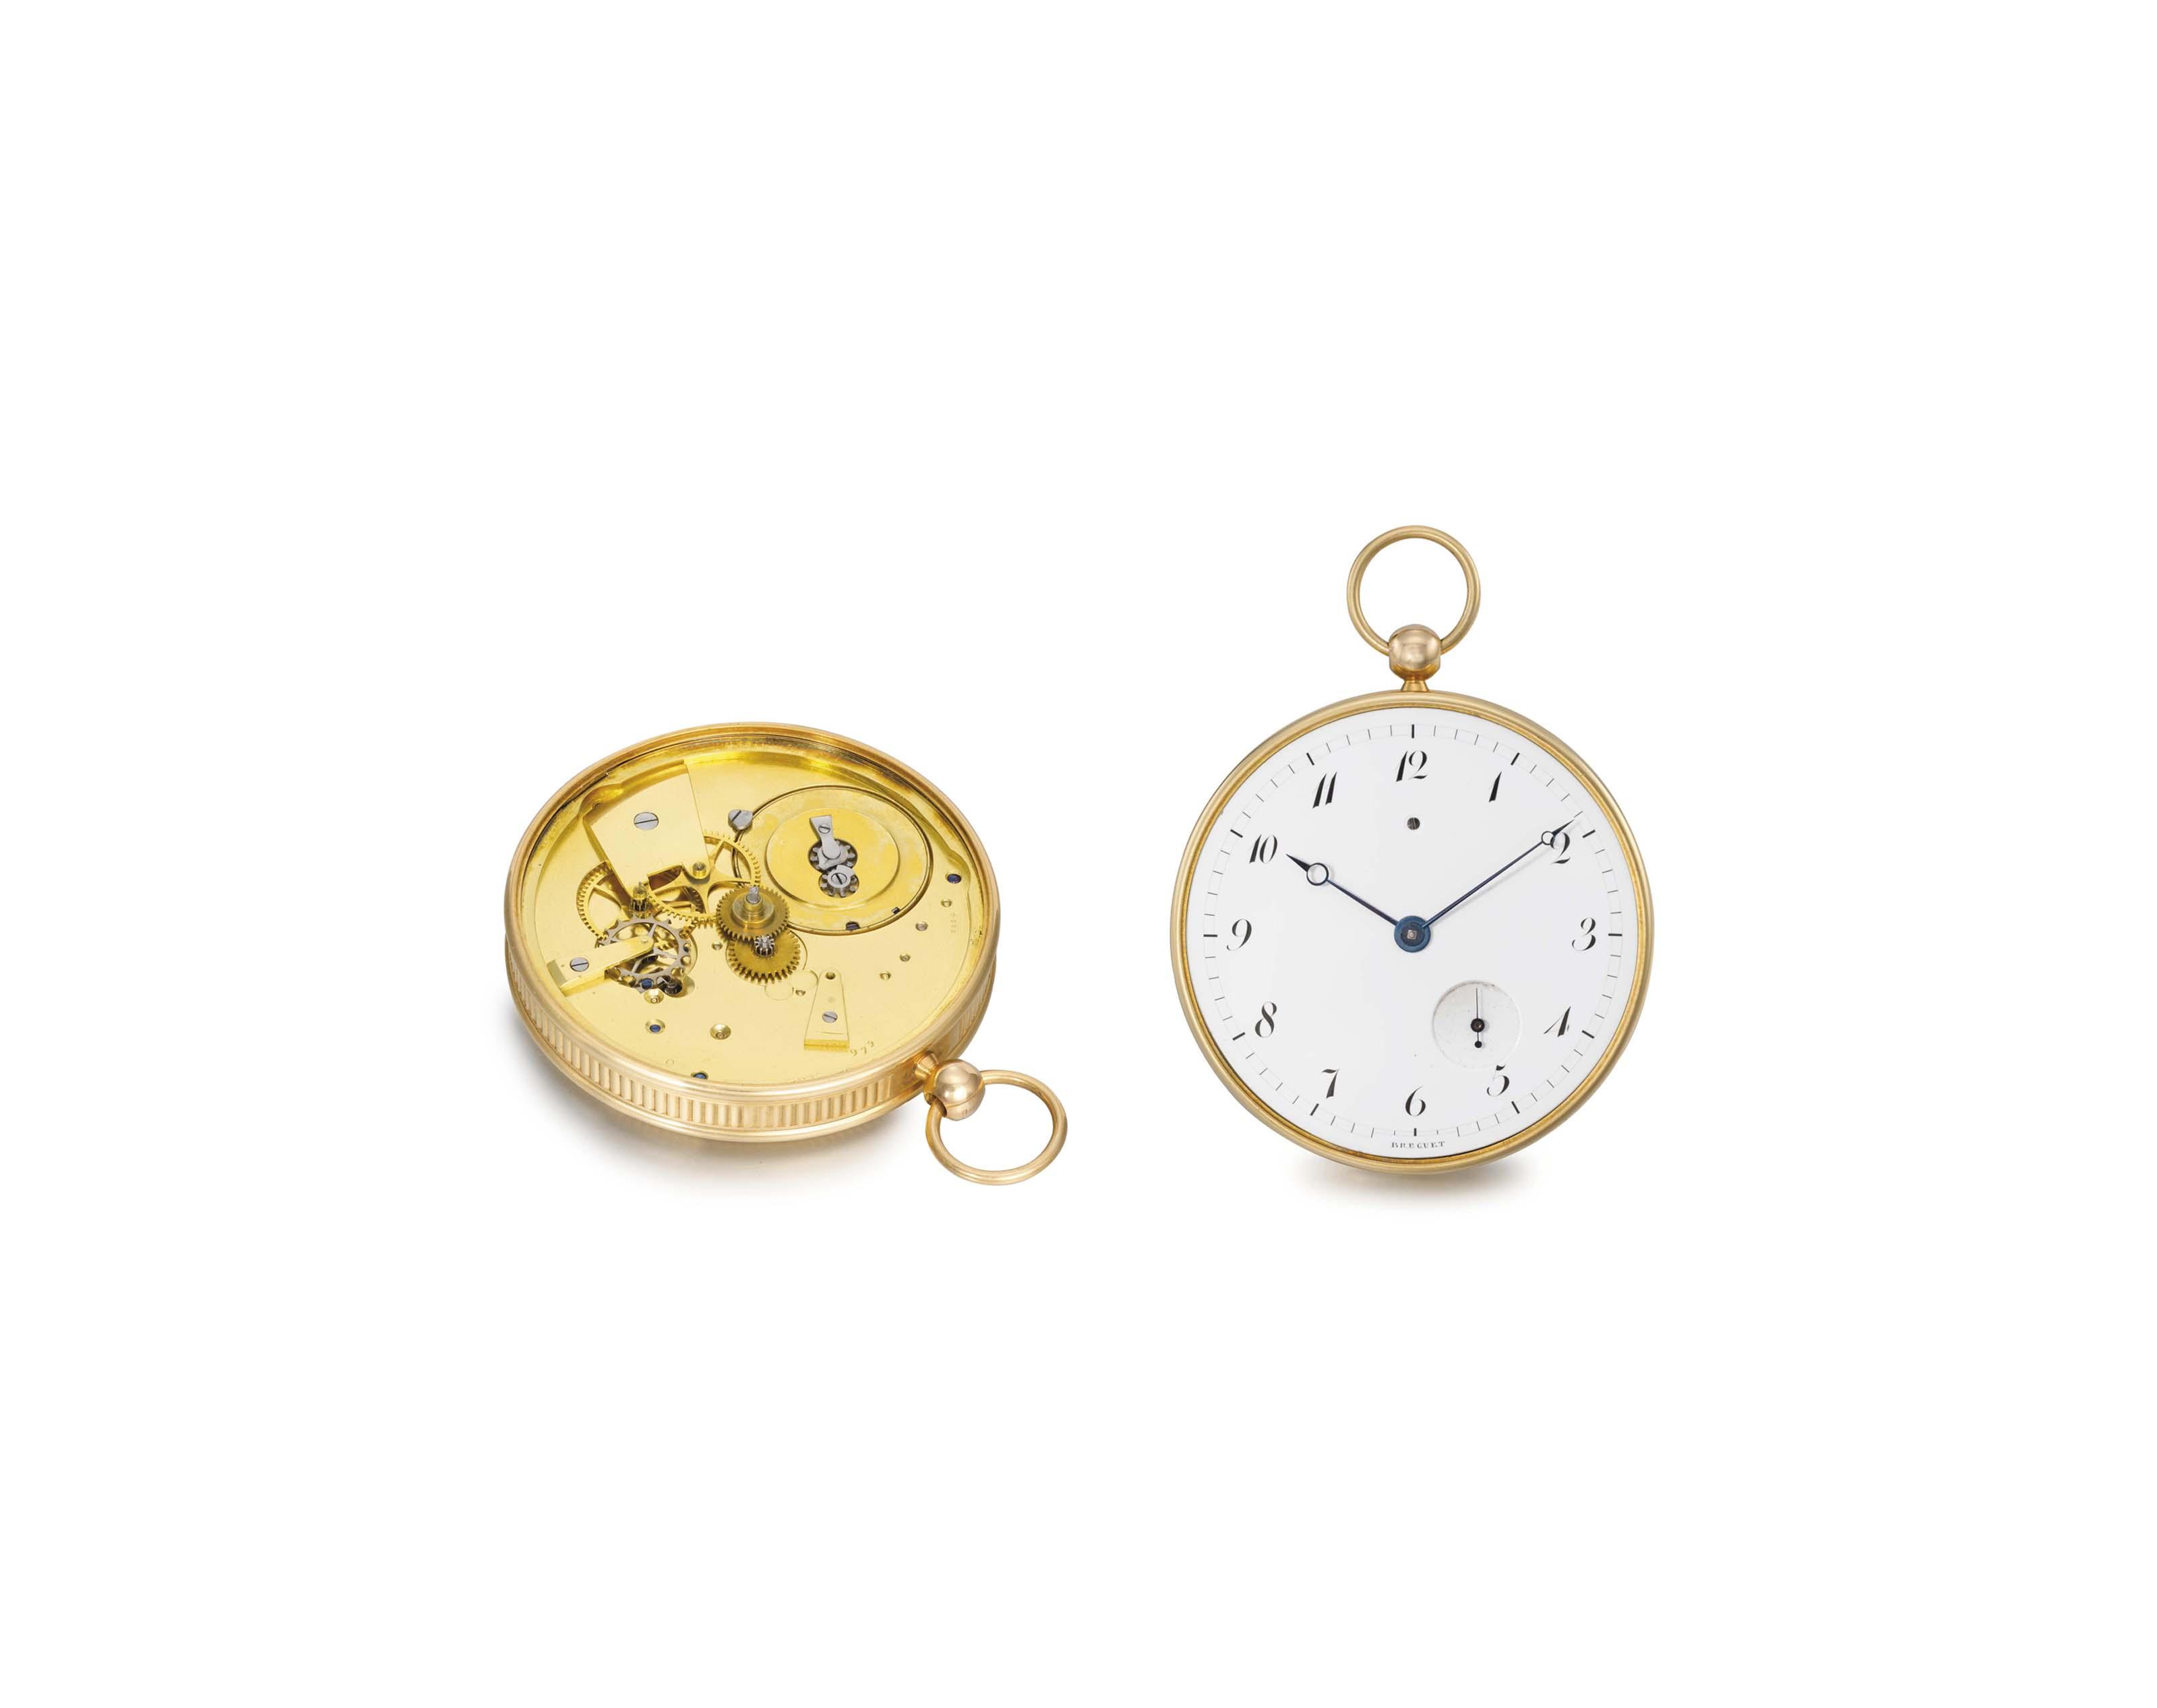 """Breguet, Paris, No. 979 """"Montre simple, nouveau calibre"""". A fine and rare 18K gold openface watch with unusual calibre"""